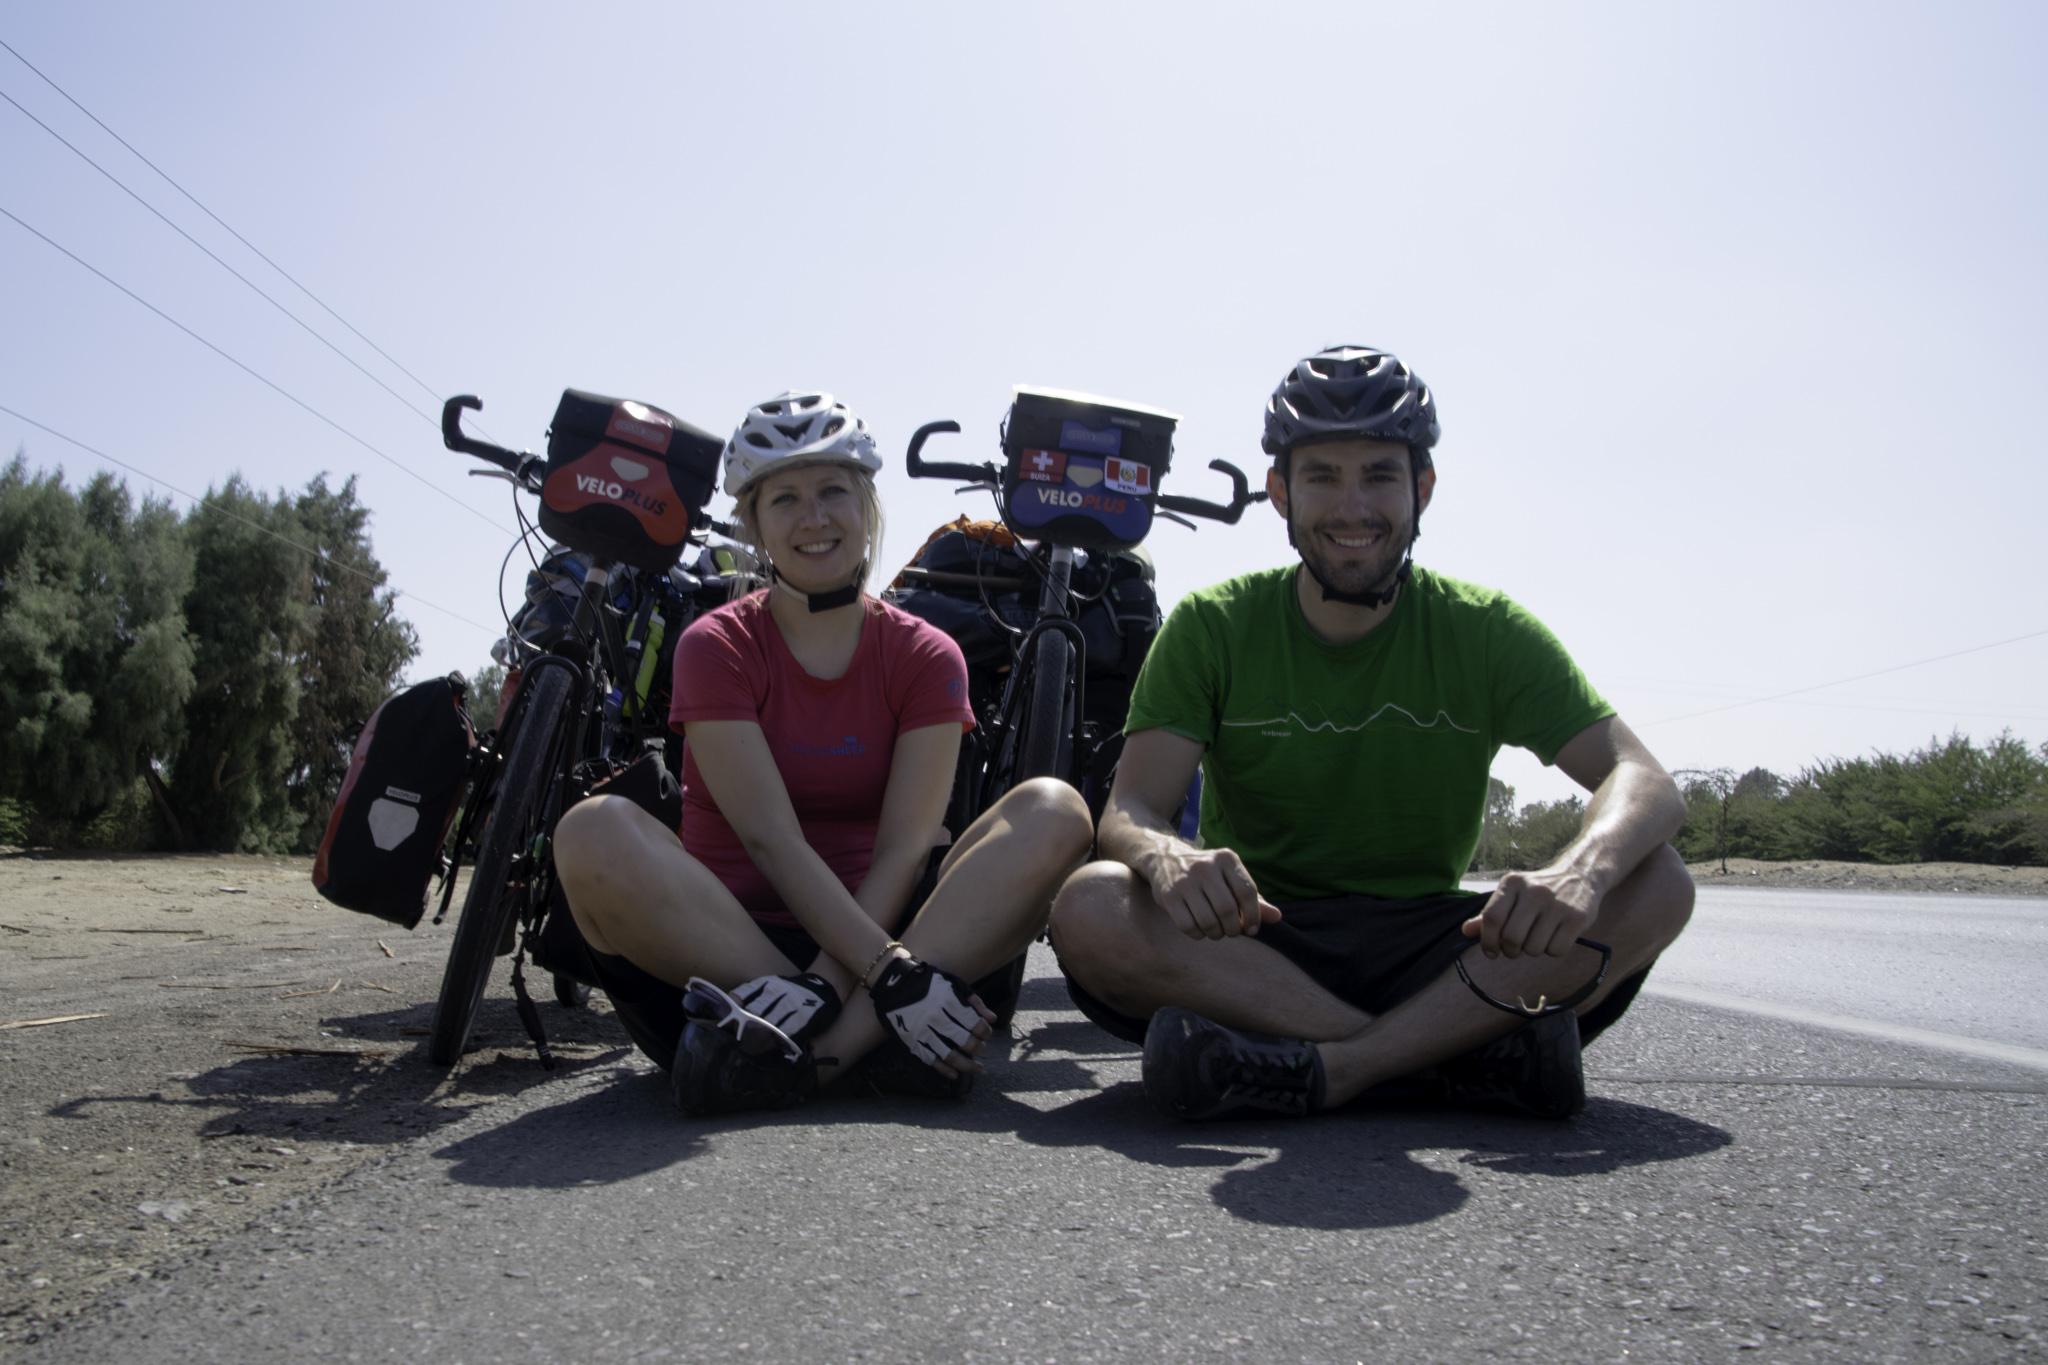 Kurze Verschnaufpause nach genau 4000 km